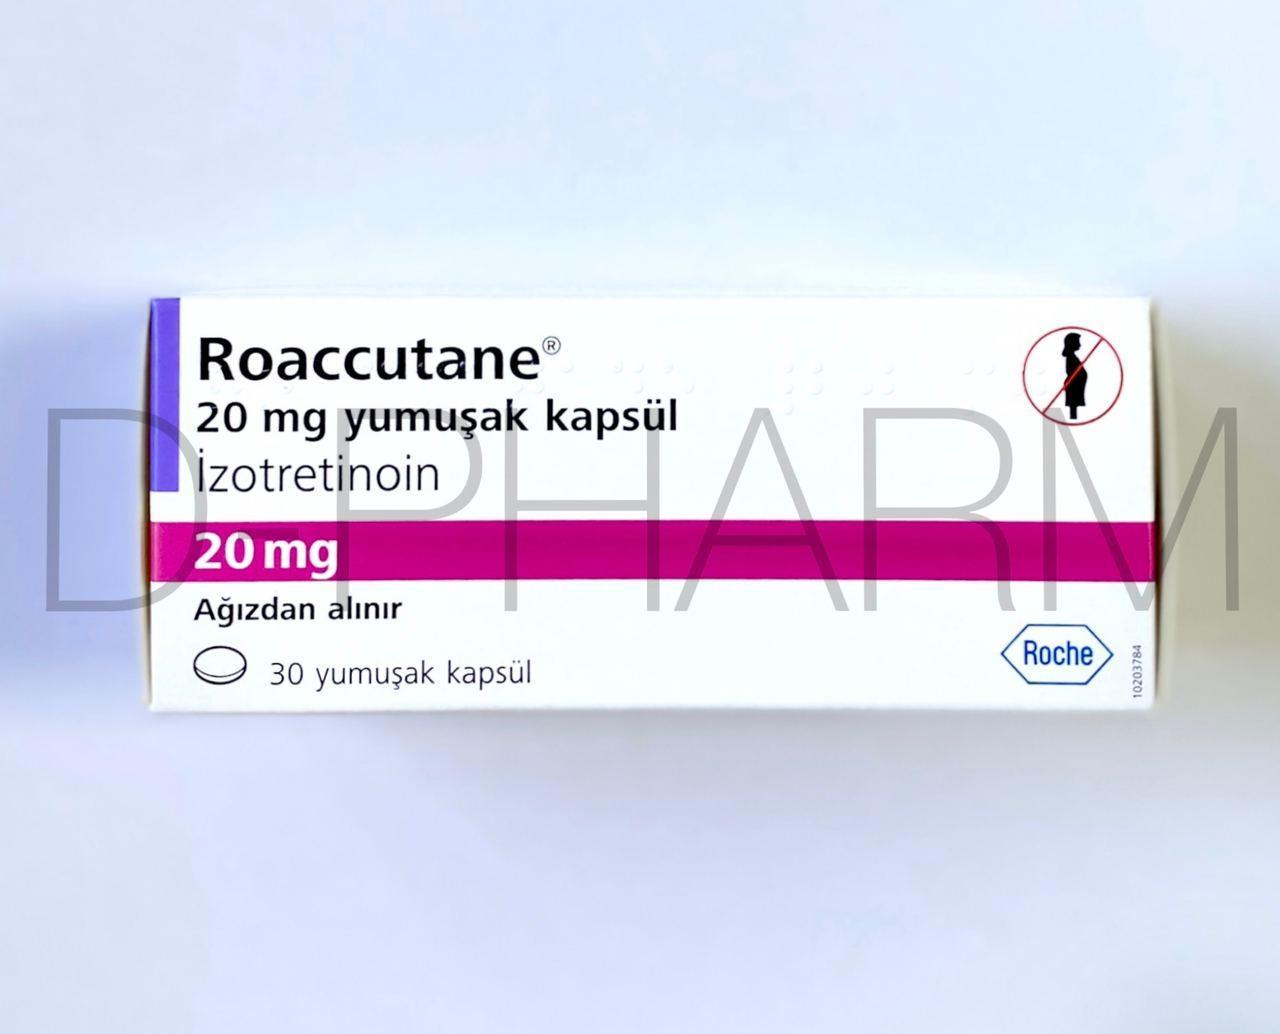 Роаккутан Изотретиноин 20 мг 30 капсул (Roaccutane Isotretinoin)